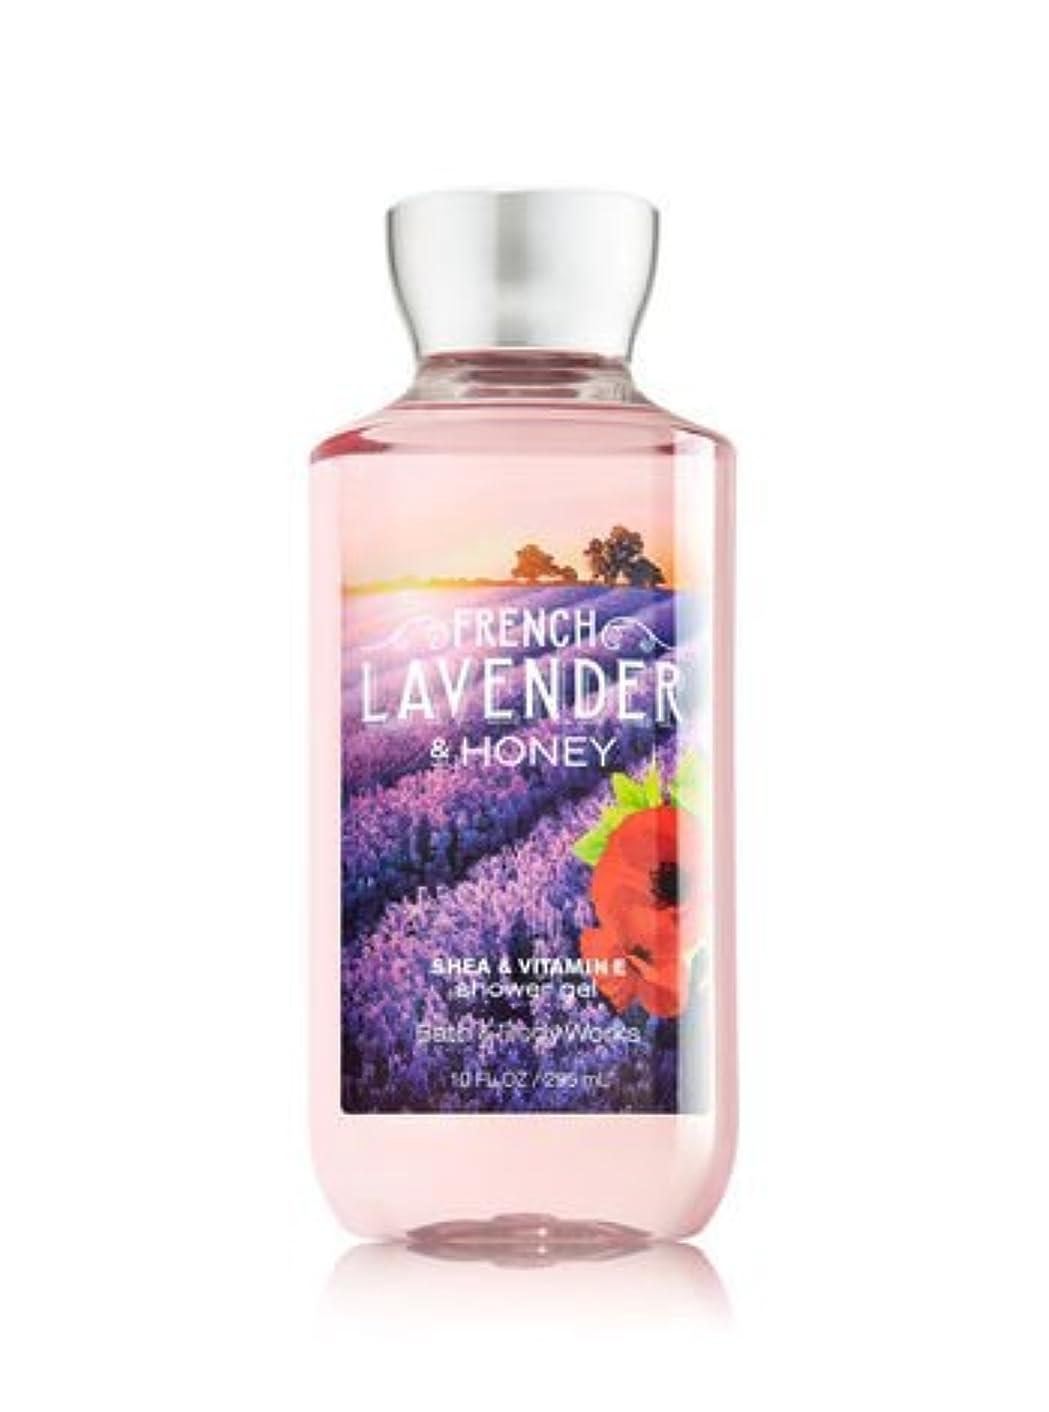 血ぼかす風味【Bath&Body Works/バス&ボディワークス】 シャワージェル フレンチラベンダー&ハニー Shower Gel French Lavender & Honey 10 fl oz / 295 mL [並行輸入品]